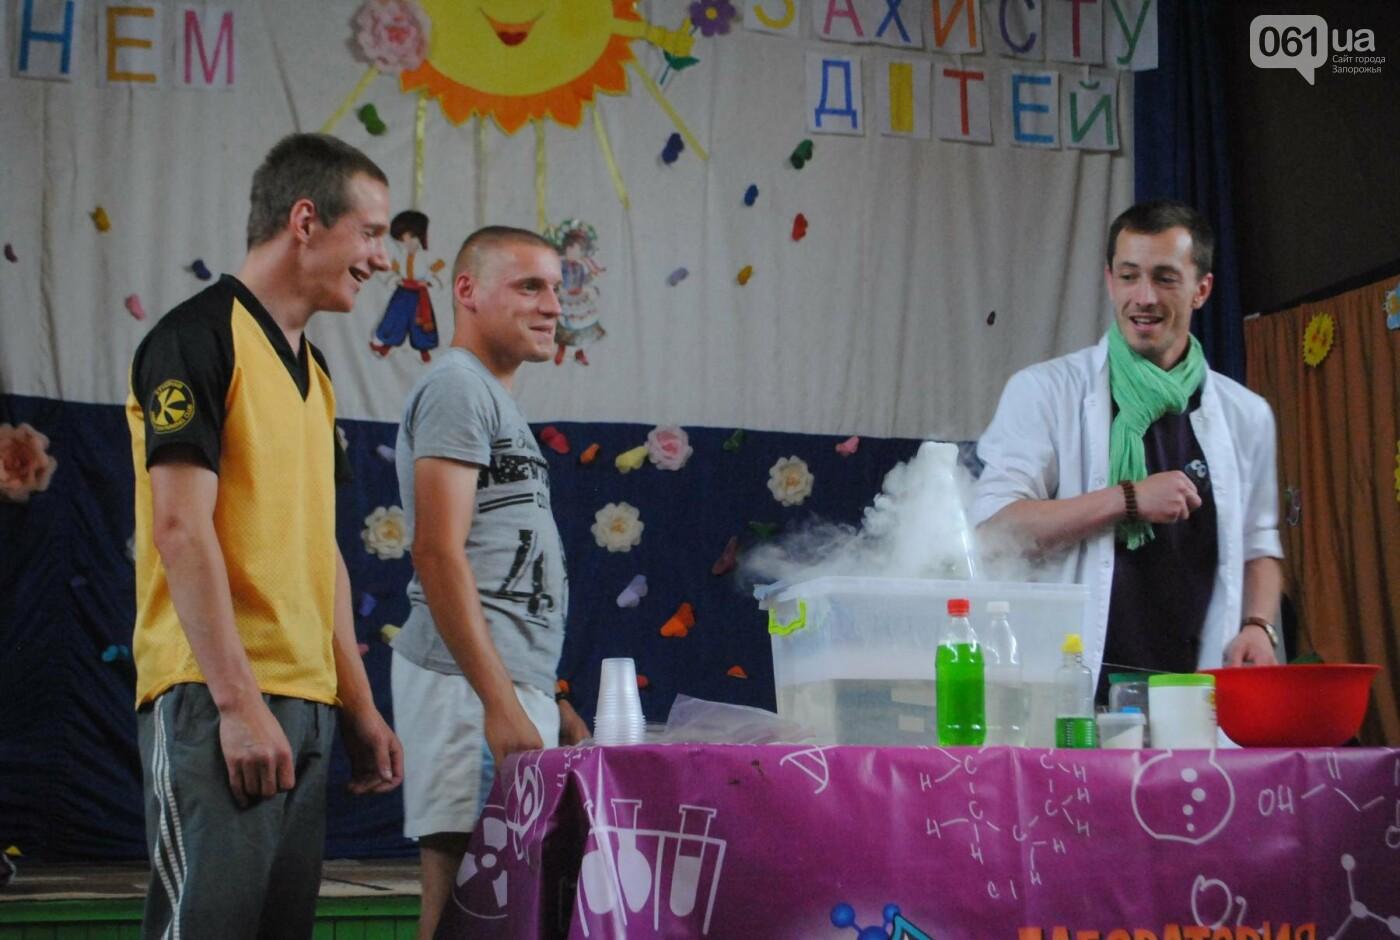 Фонд Александра Петровского поздравил воспитанников интерната, фото-10